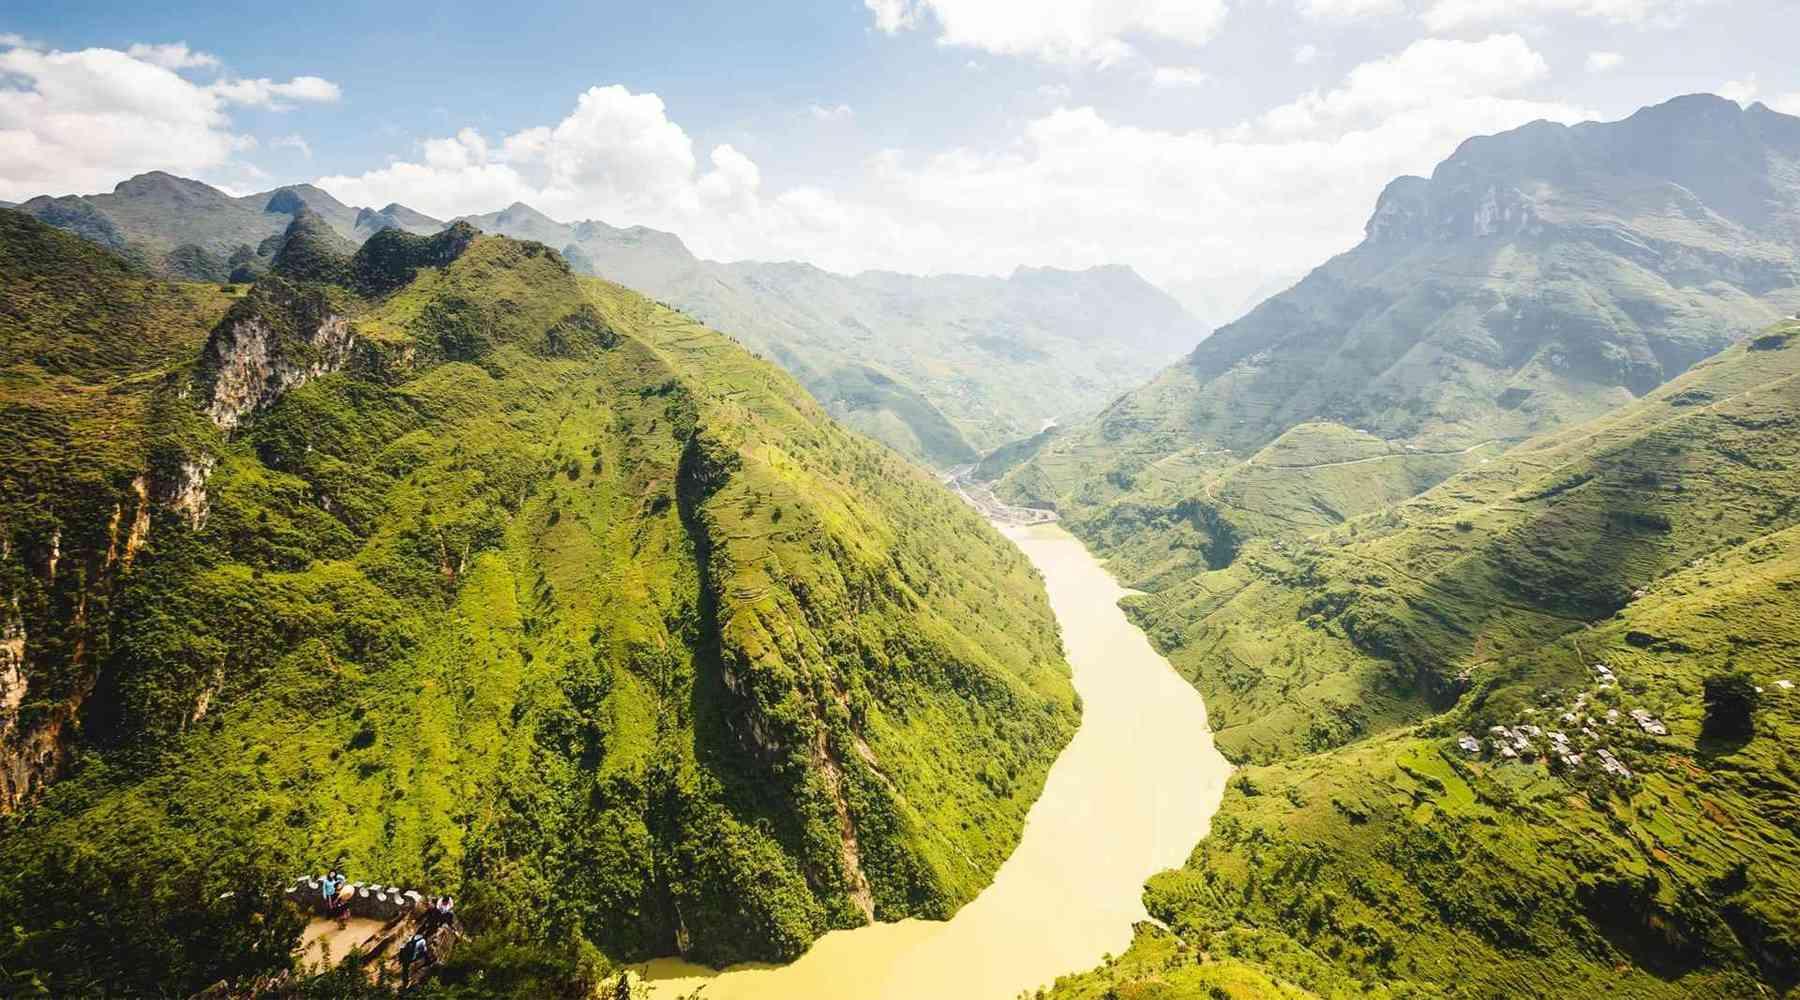 Ha Giang loop: Route, stops, zien, doen, tips & accommodatie (3-5 dagen)